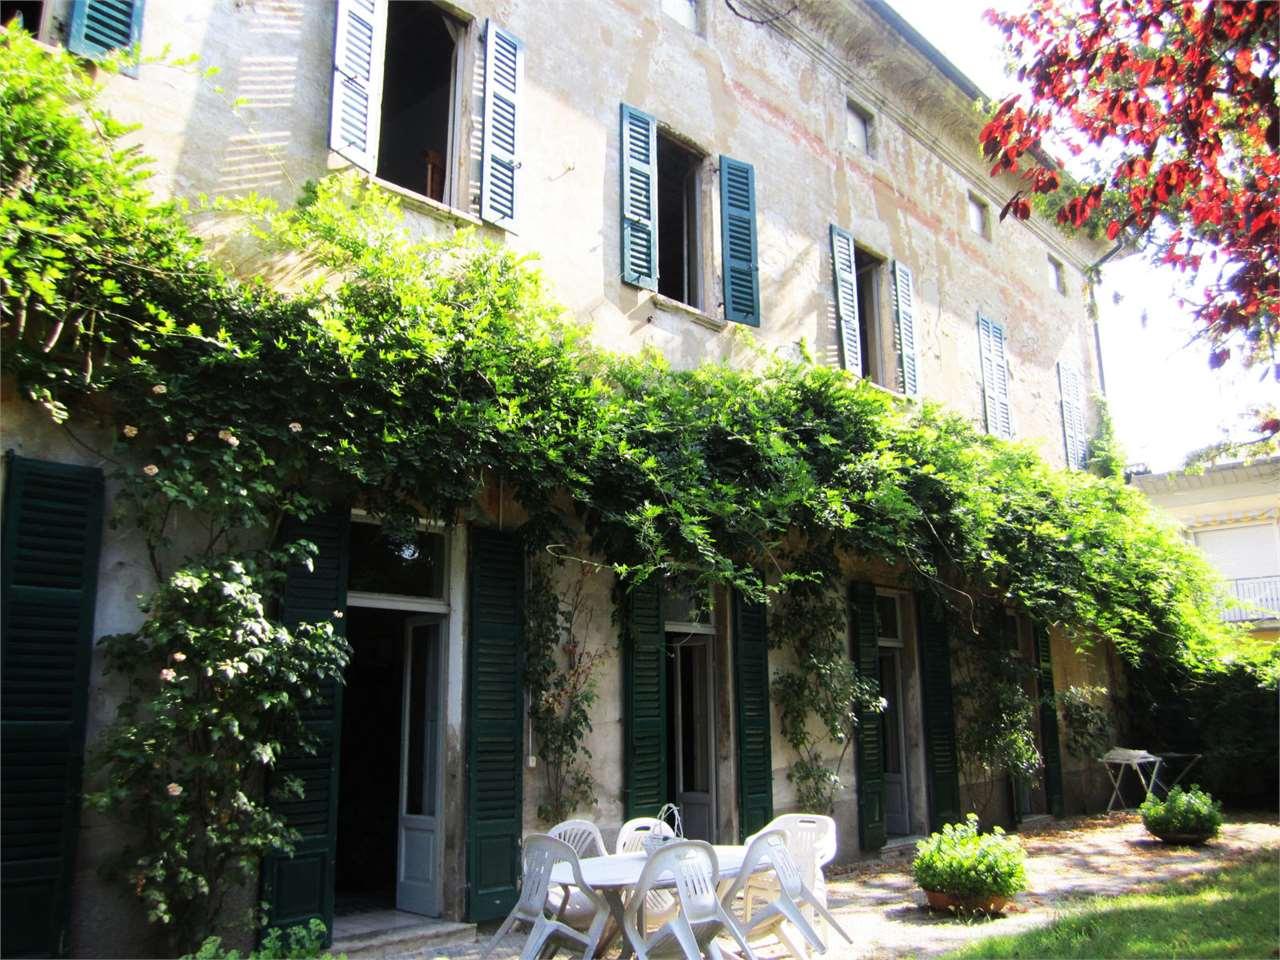 Villa in vendita a Crema, 14 locali, zona Zona: Ombriano, prezzo € 650.000 | Cambio Casa.it